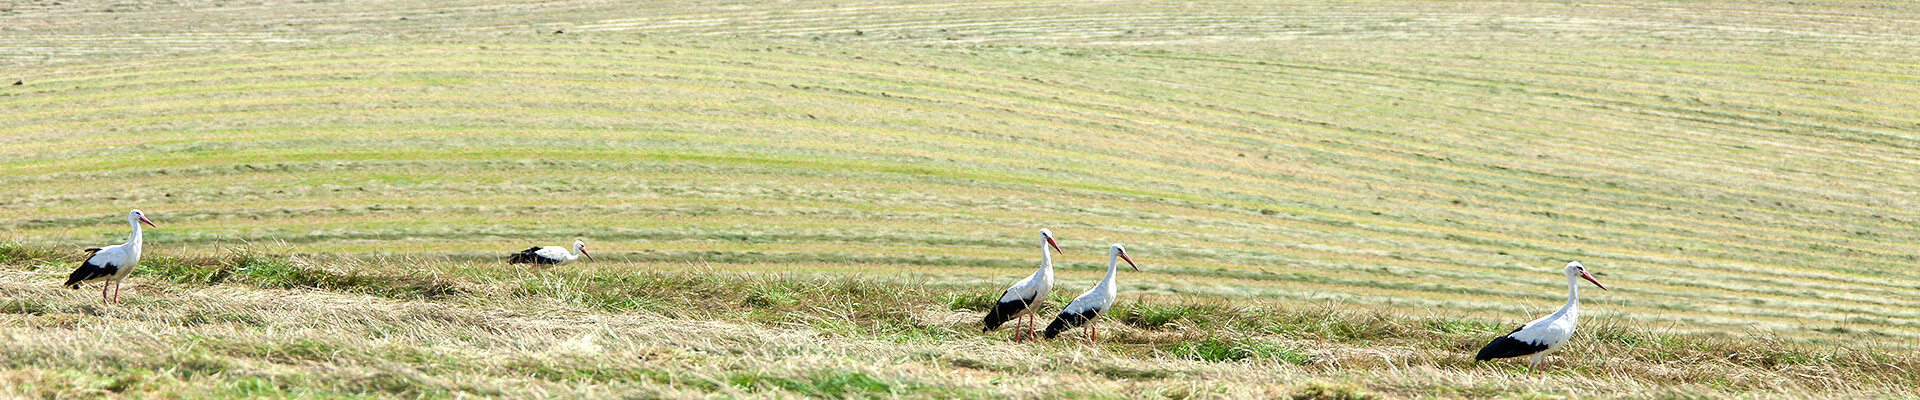 Feld mit Storchen